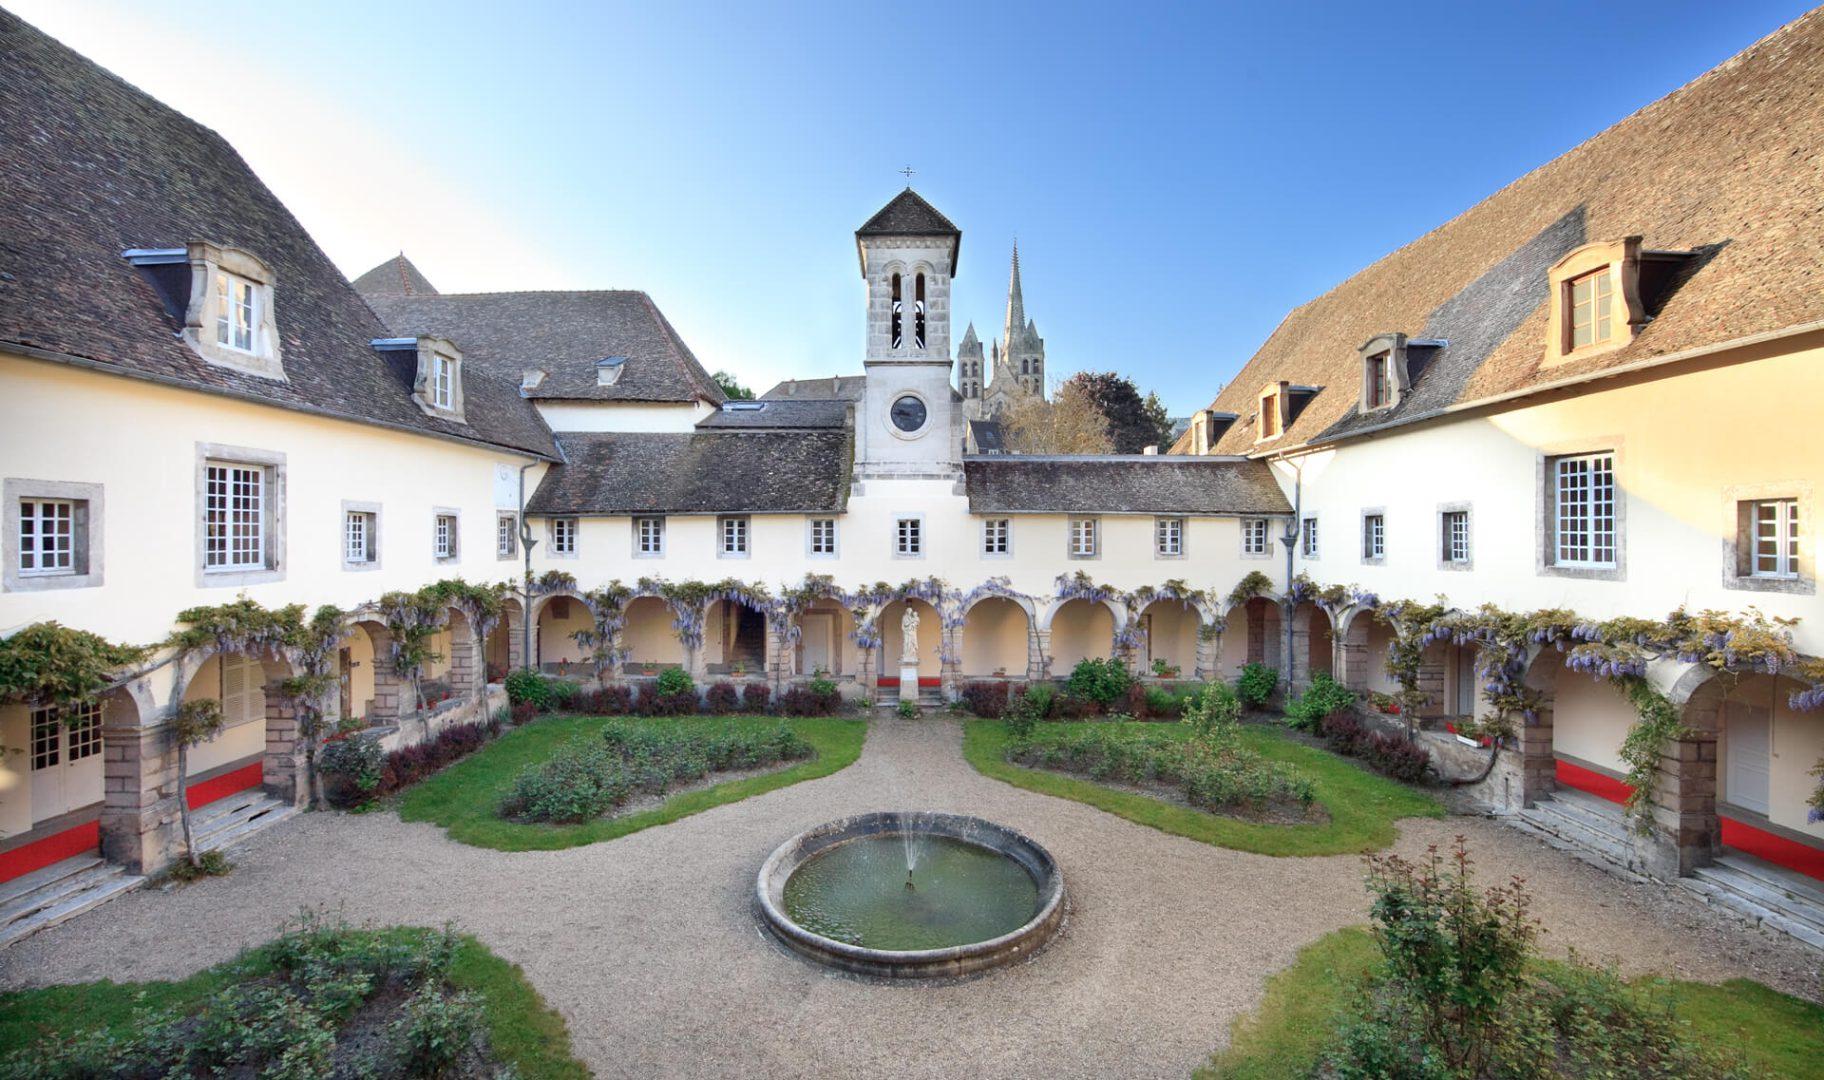 Maison Lazare Villa Médicis Autun